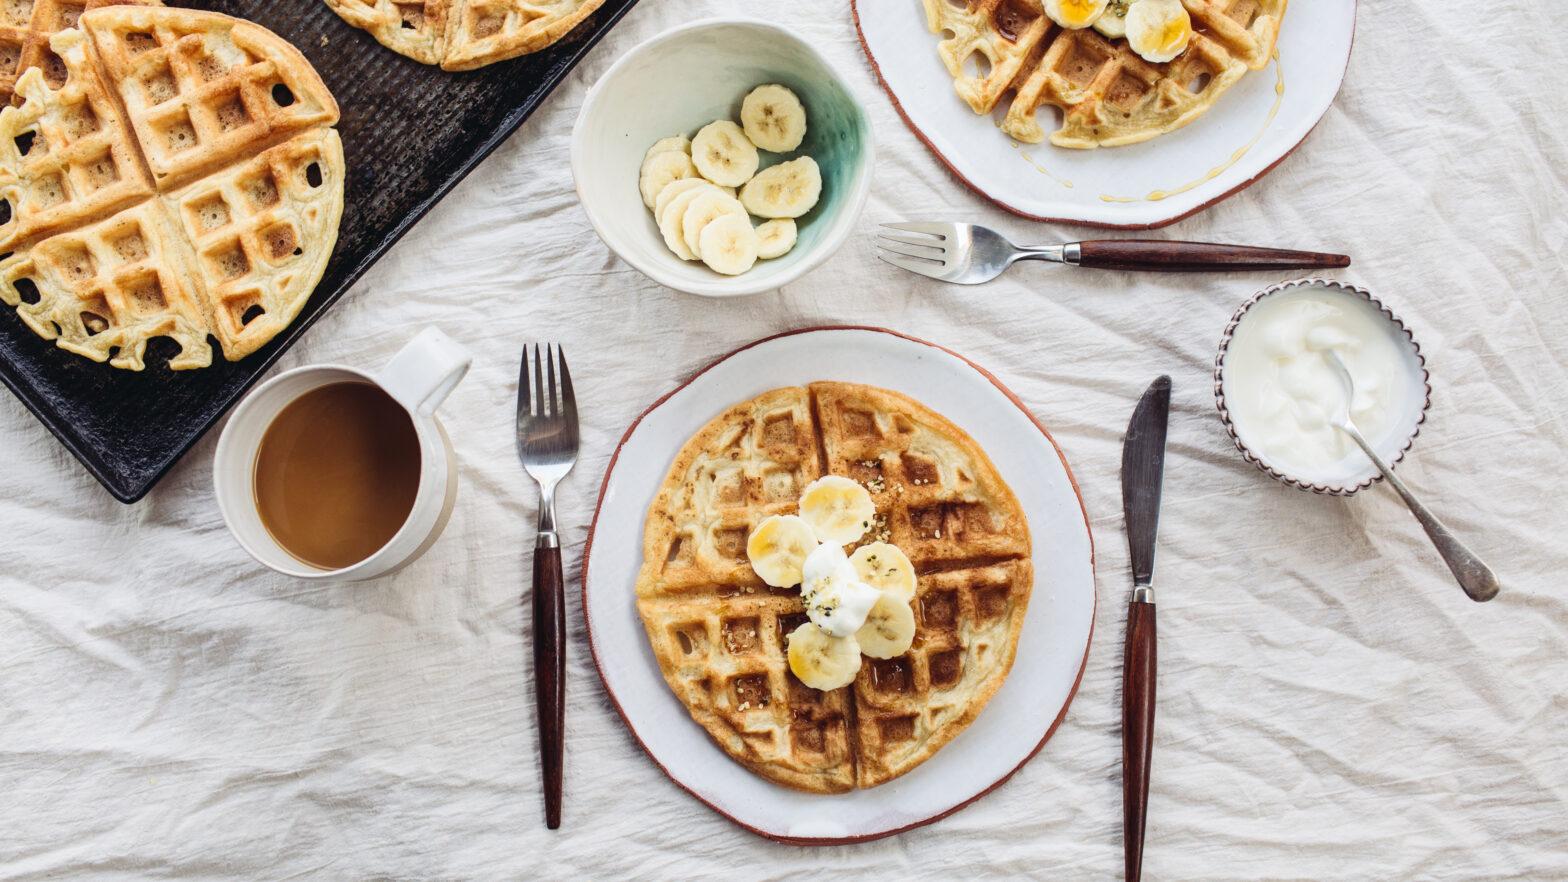 cara membuat waffle tanpa cetakan - belgian waffle